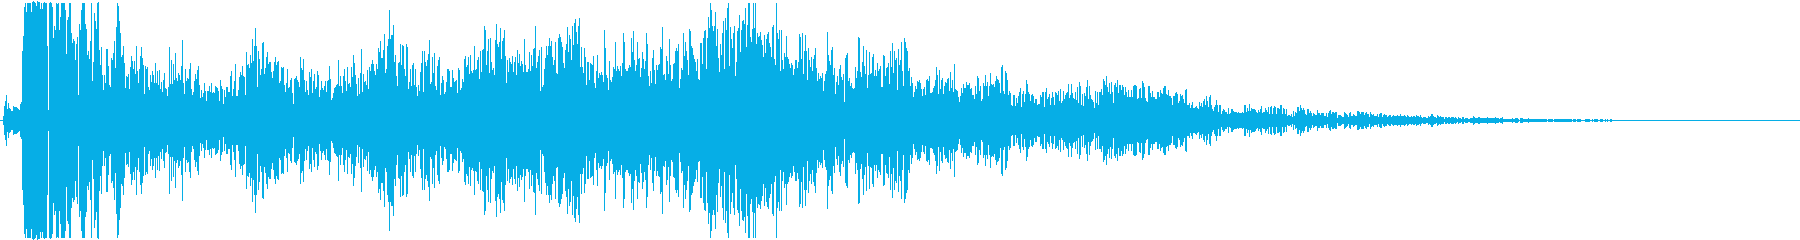 【銃】 25 ハンドガン バーンッの再生済みの波形